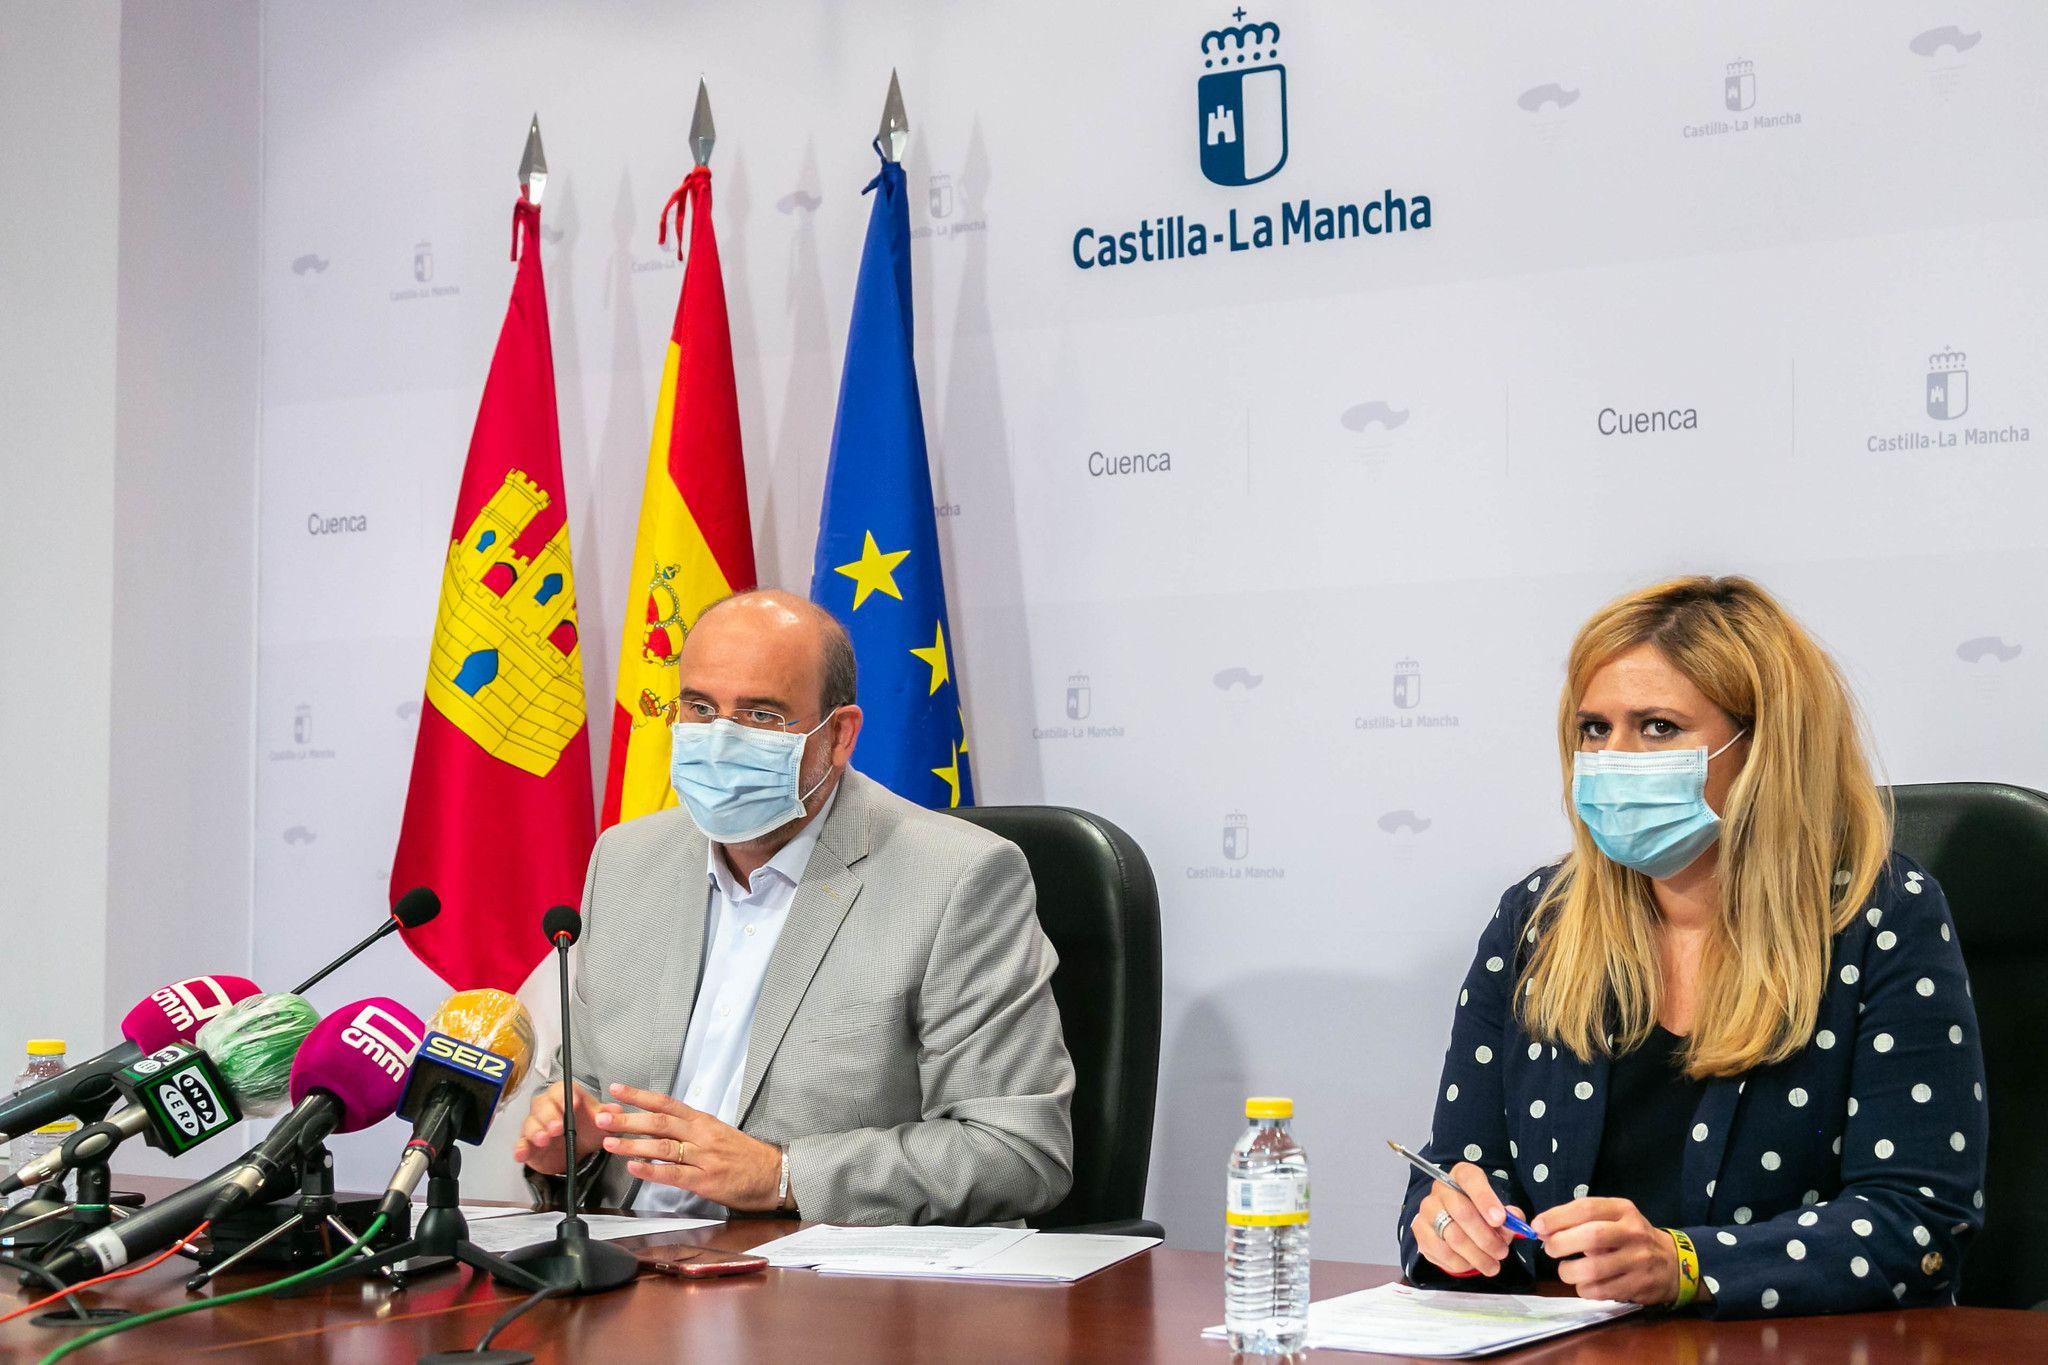 El Consejo de Gobierno aprueba la puesta en funcionamiento del nuevo Grado de Turismo en Cuenca para el próximo curso académico